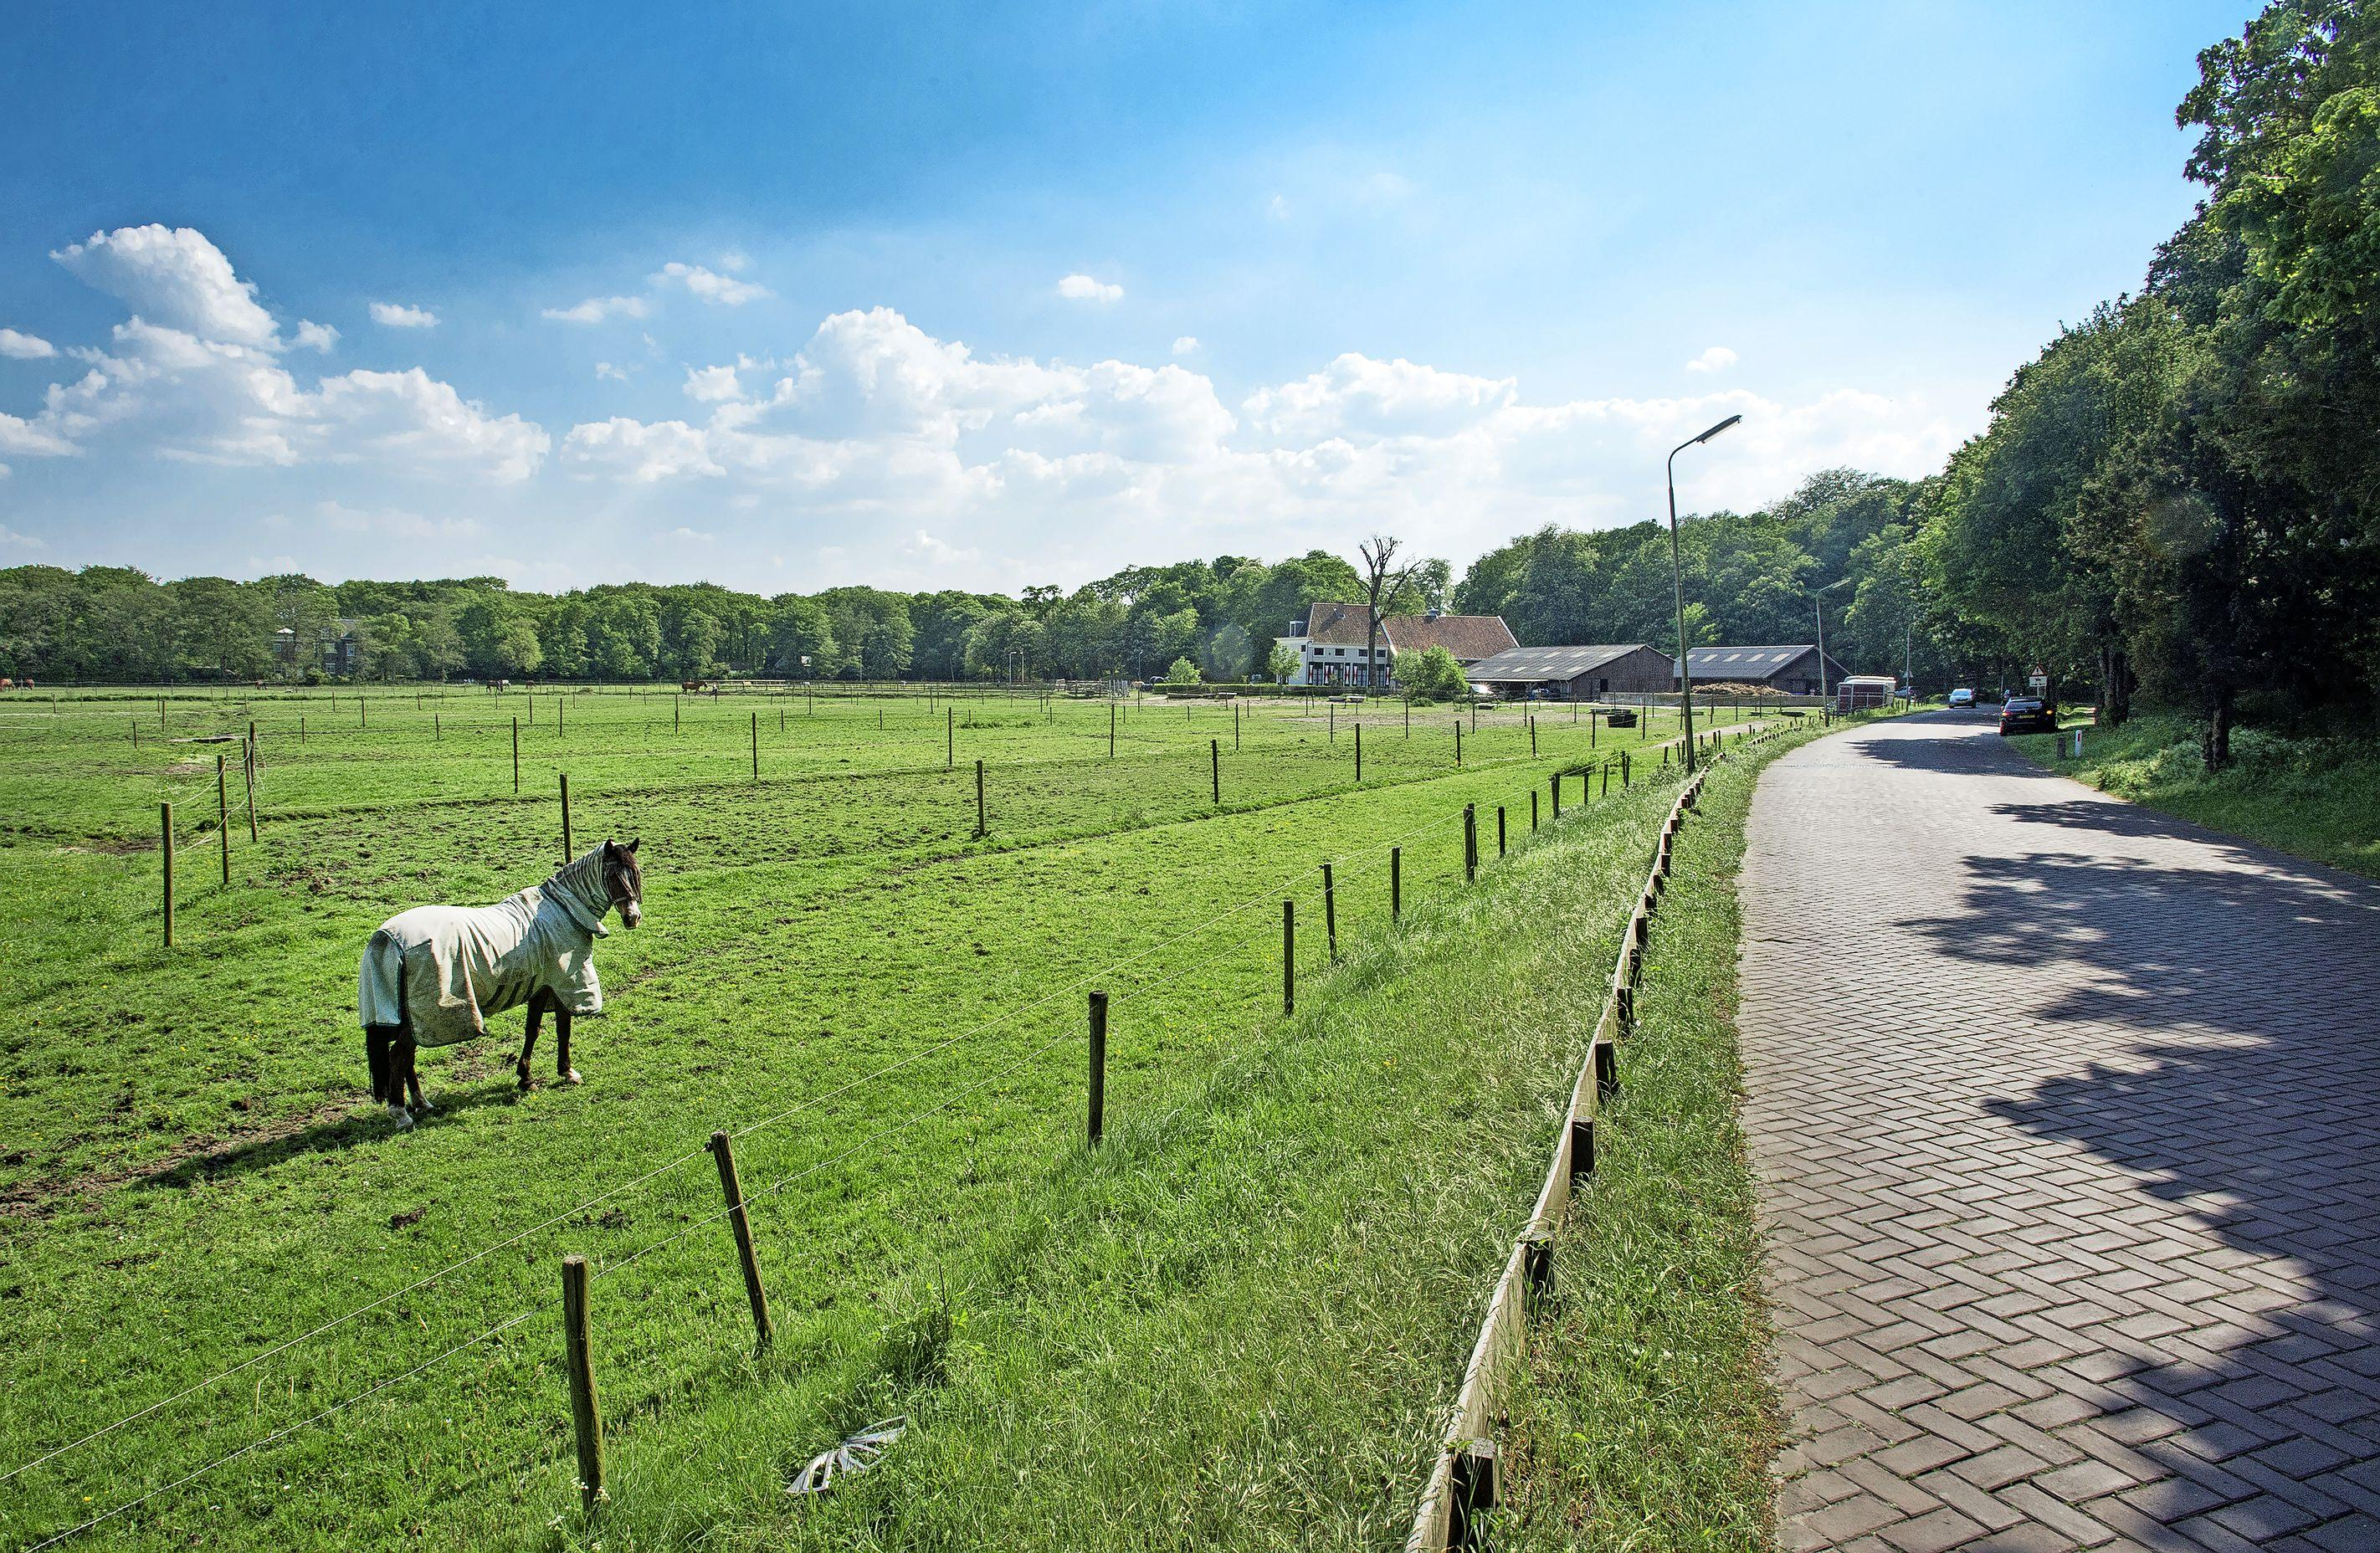 Zeer besmettelijk paardenvirus bij stal in Santpoort-Noord: 'In deze coronatijd is stal een plek waar je kunt ademhalen, maar in wat voor ellende zitten we nu weer'